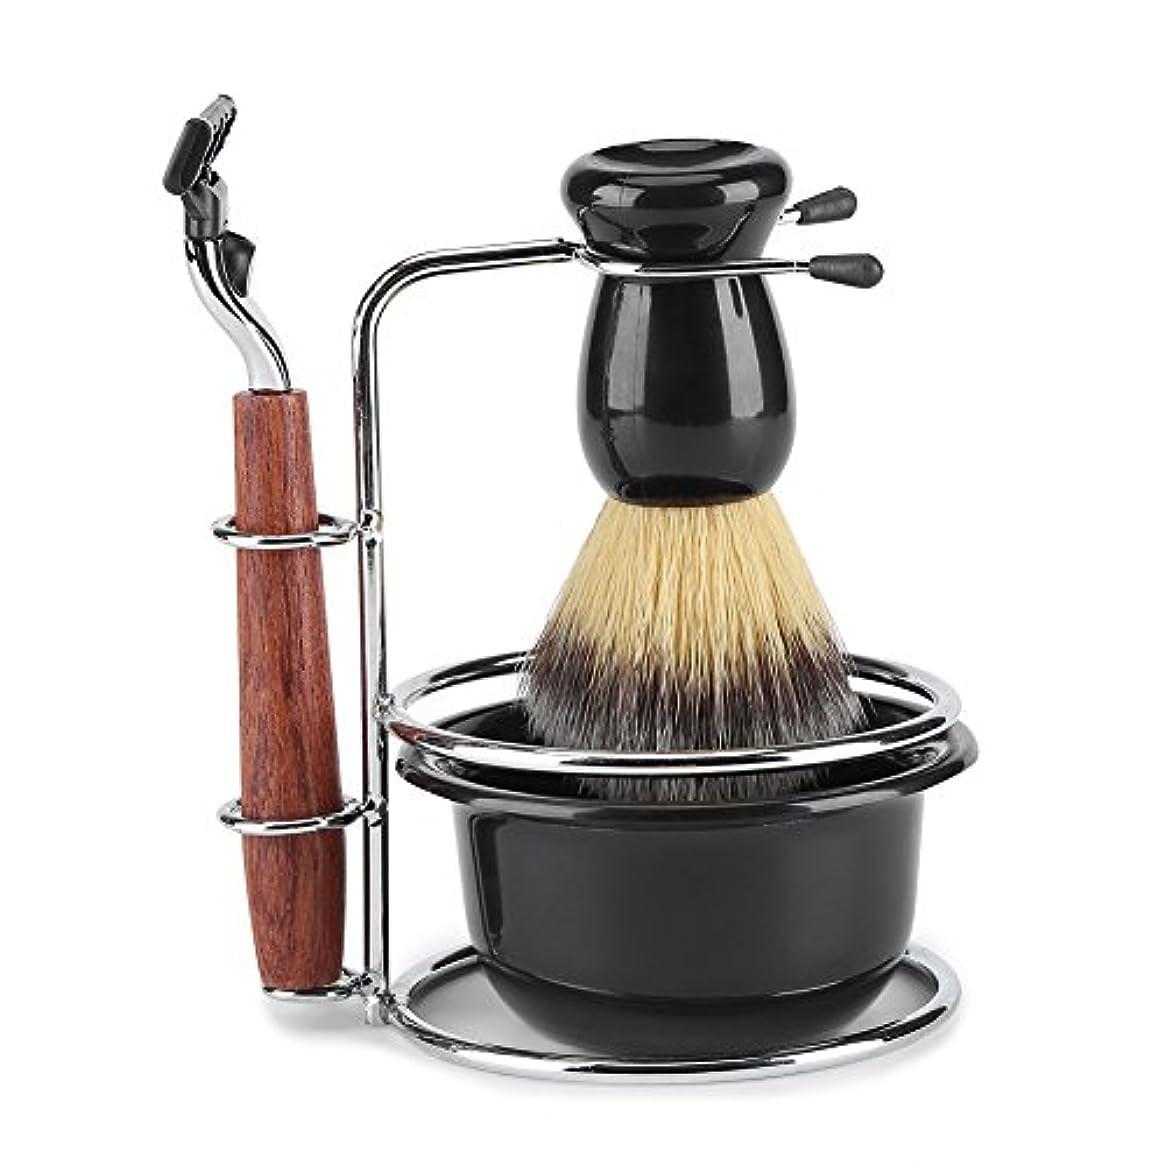 バックグラウンドお金しなやかなシェービングキット 4-in-1 ひげ剃りツールセット マニュアルスタンドホルダー ウェットシェービングキット ステンレススチール